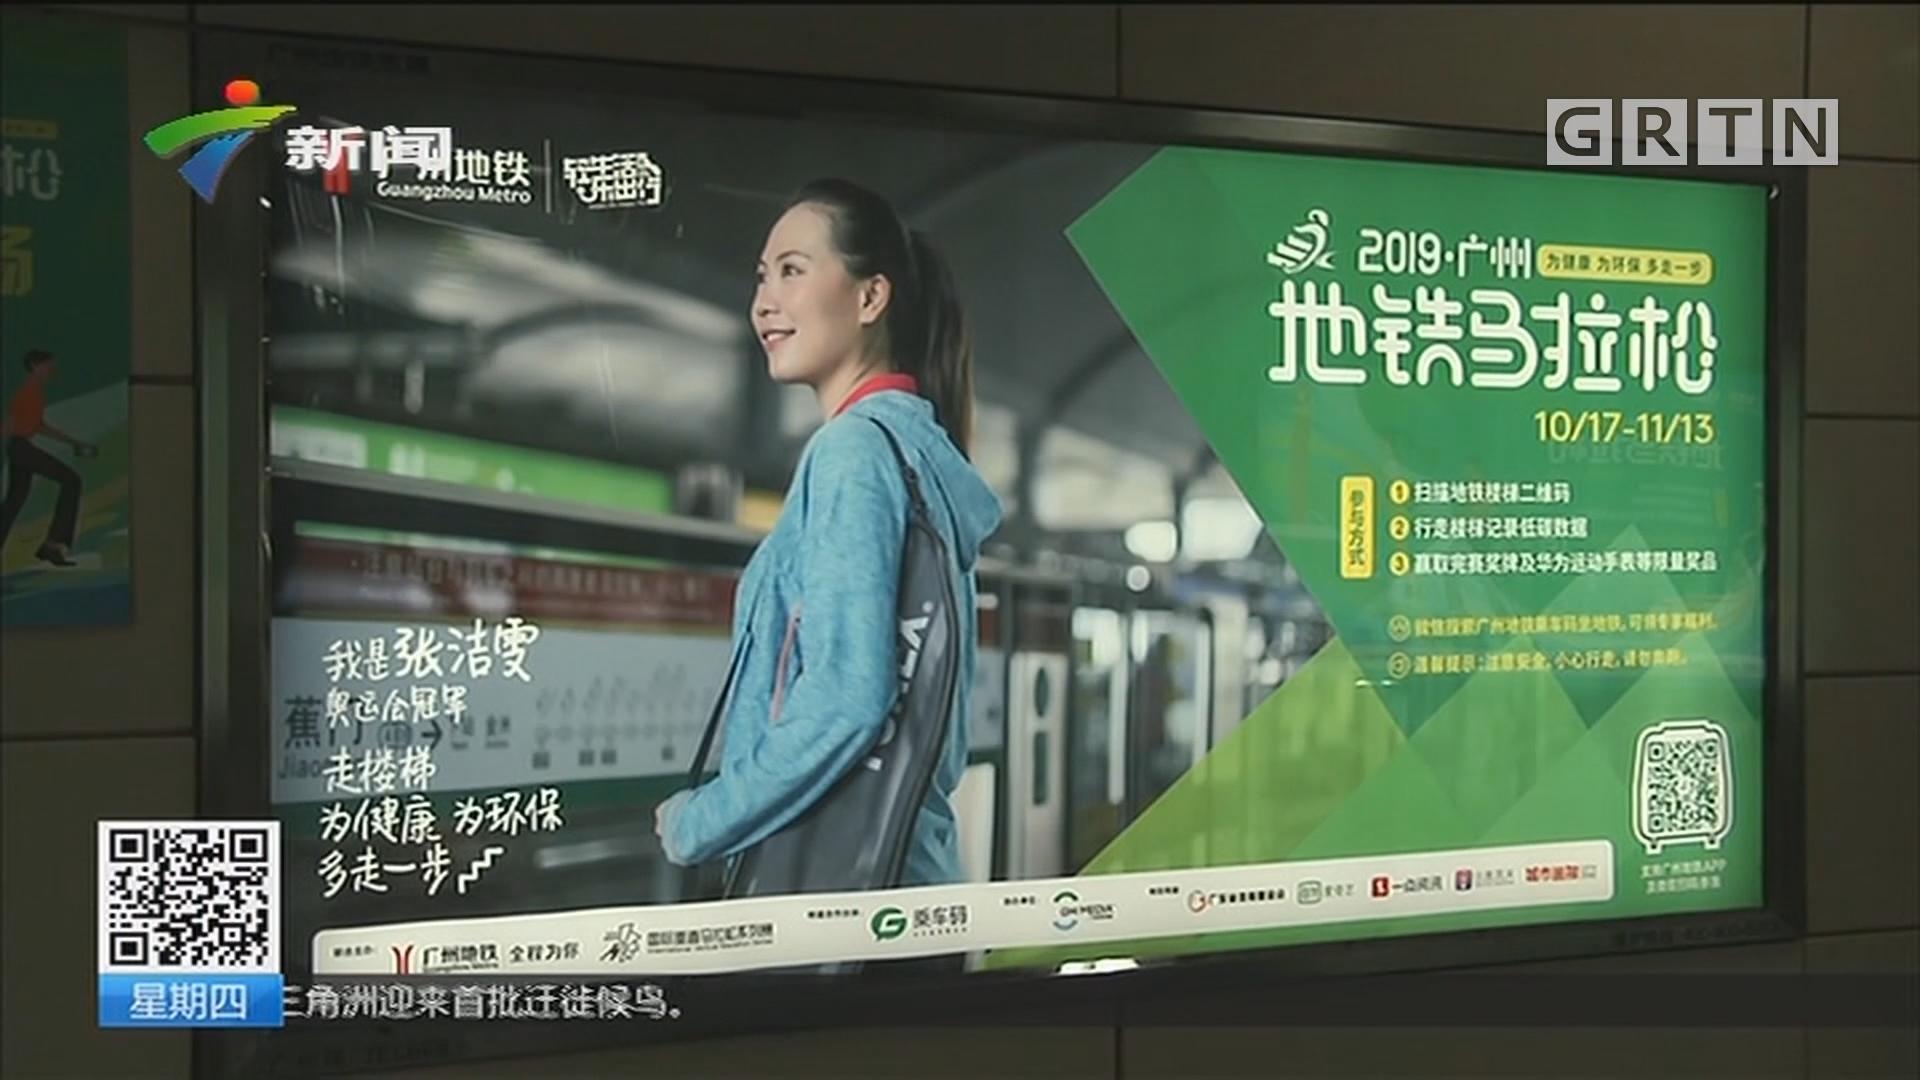 """地铁马拉松:少乘电梯多走楼梯 地铁马拉松今日""""开跑"""""""